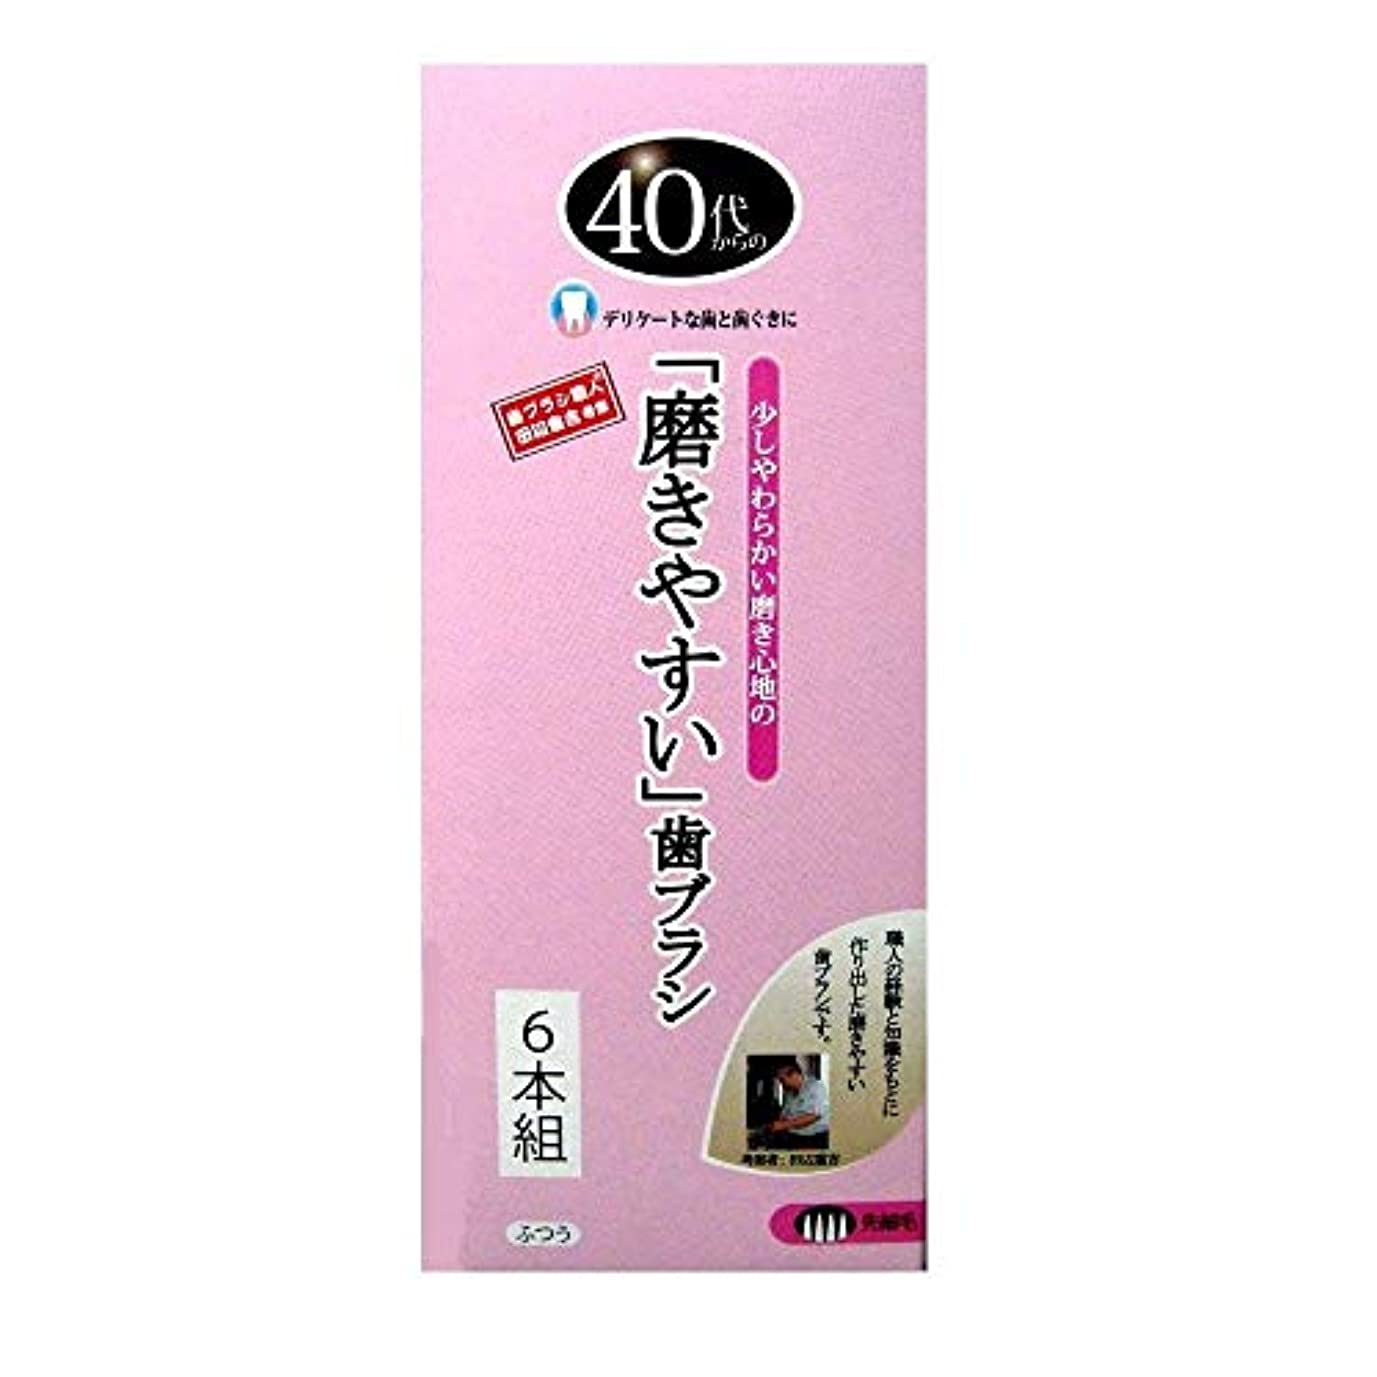 毒協力フォーカス歯ブラシ職人 Artooth ® 田辺重吉の磨きやすい 40代からの歯ブラシ 歯ぐきにやさしい 細めの毛 先細毛 日本製 6本セットLT-15-6